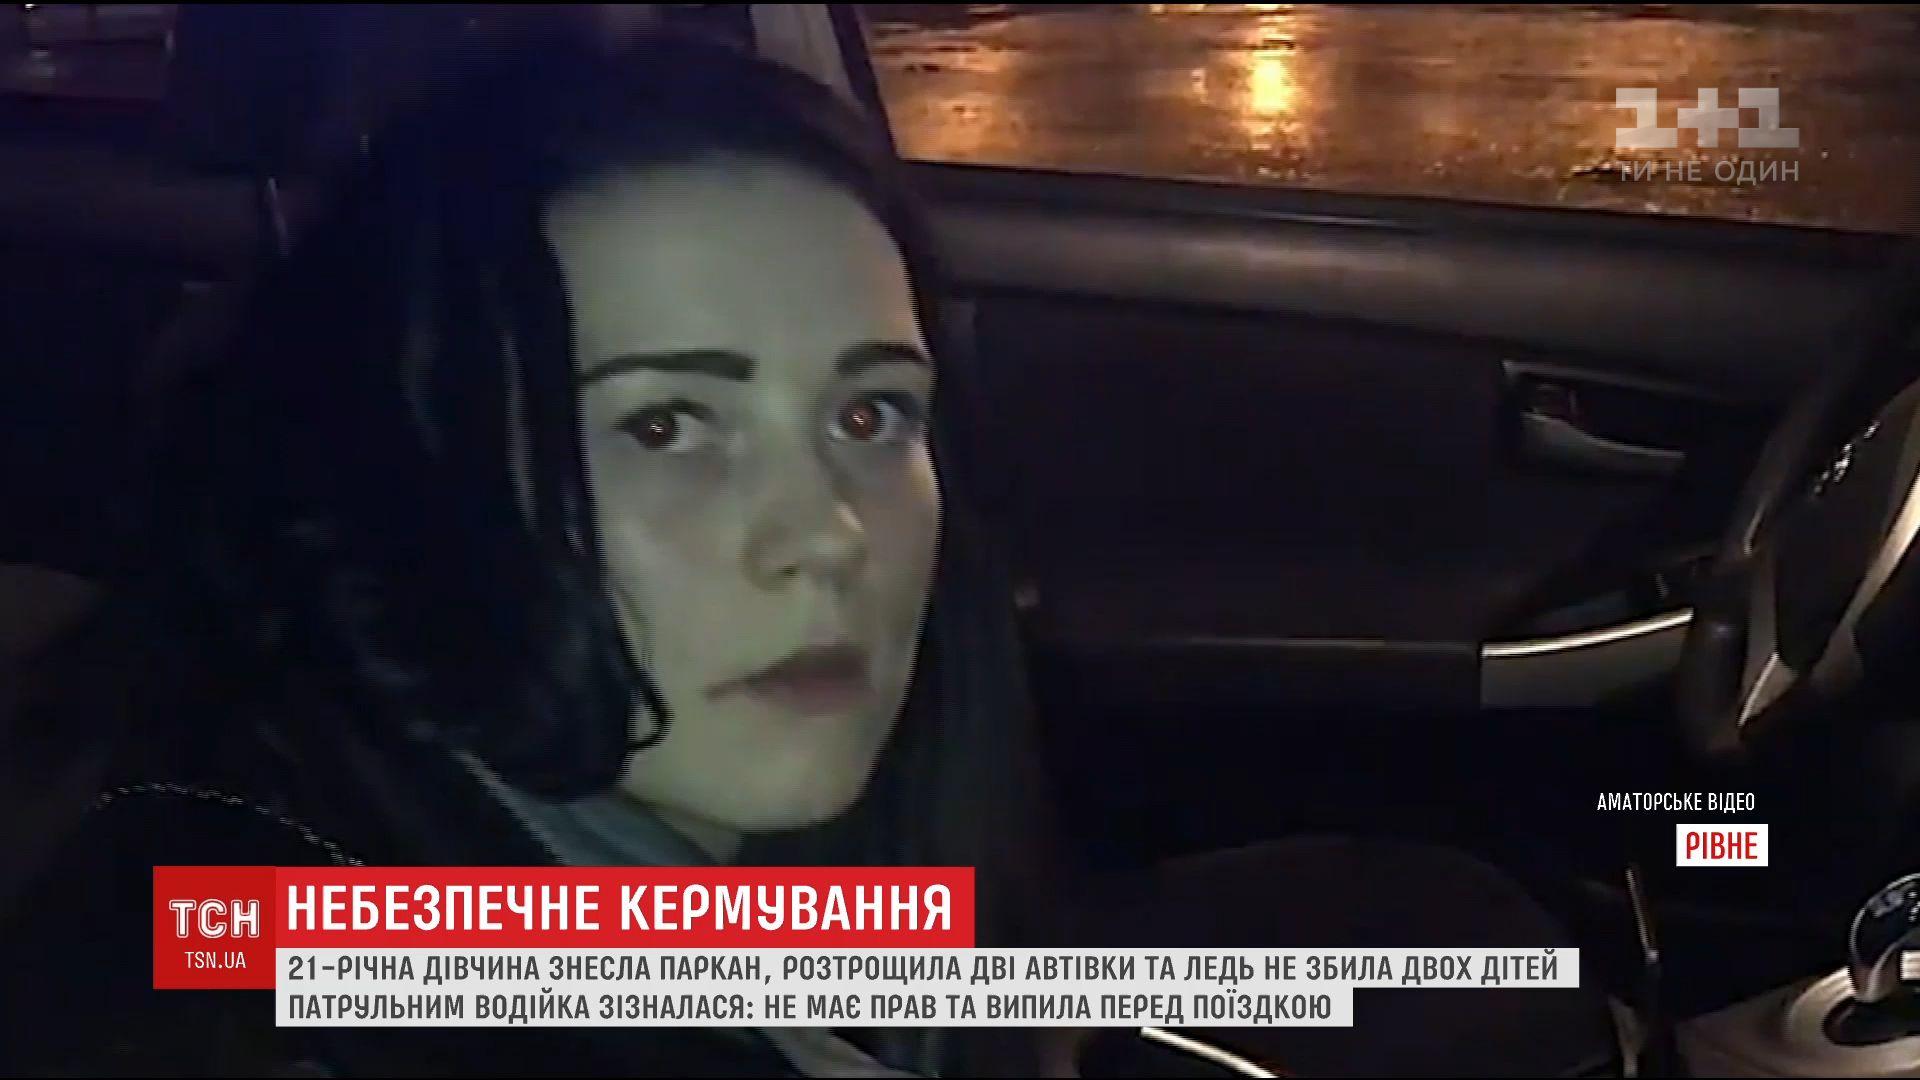 Девушка призналась, что села за руль пьяной / скриншот